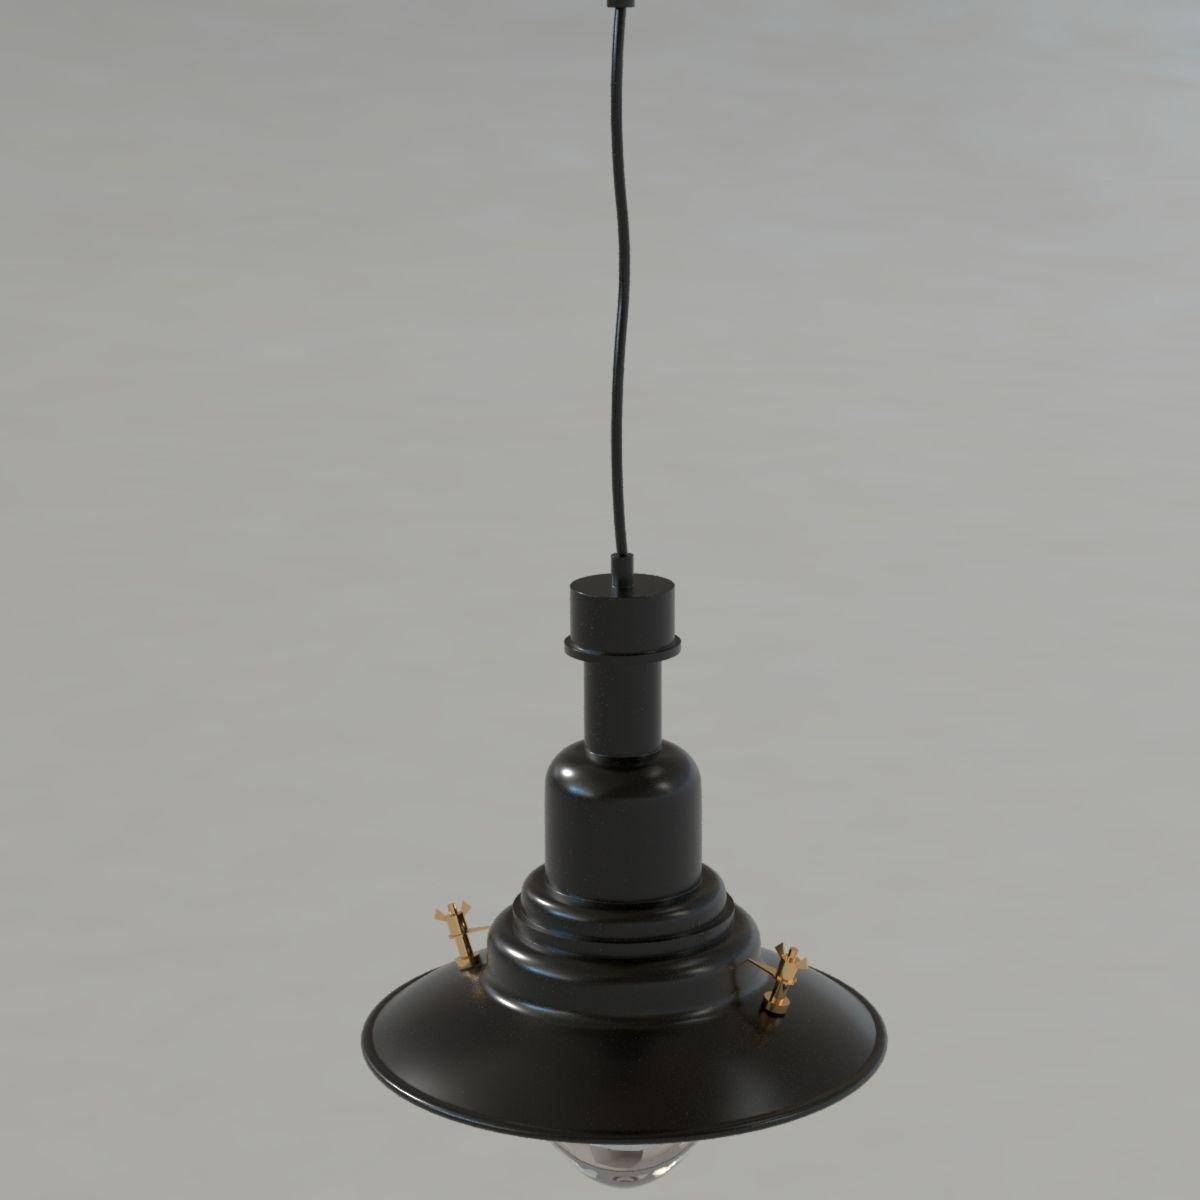 3D IKEA ottava lamp | CGTrader